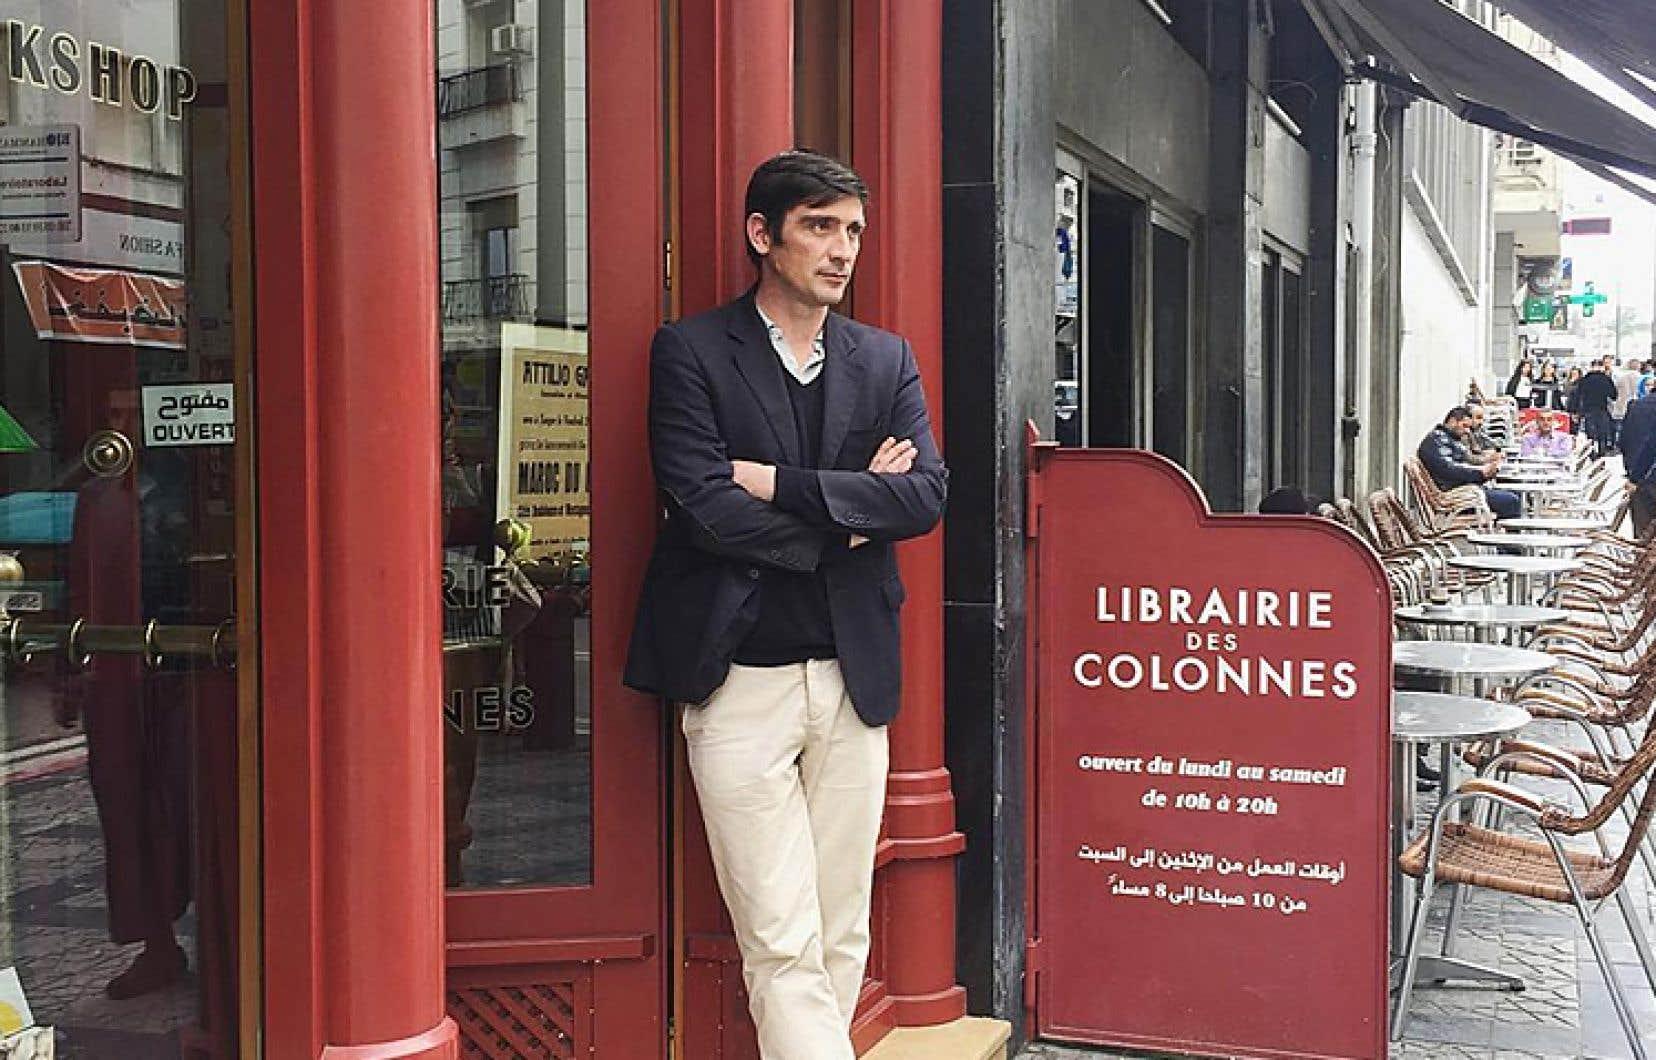 Écrivain, éditeur et cofondateur de la revue «Nejma», Simon-Pierre Hamelin a peu fréquenté l'école, mais beaucoup les textes. Il est l'une des raisons pour lesquelles la librairie qu'il dirige est devenue célèbre dans le monde entier.